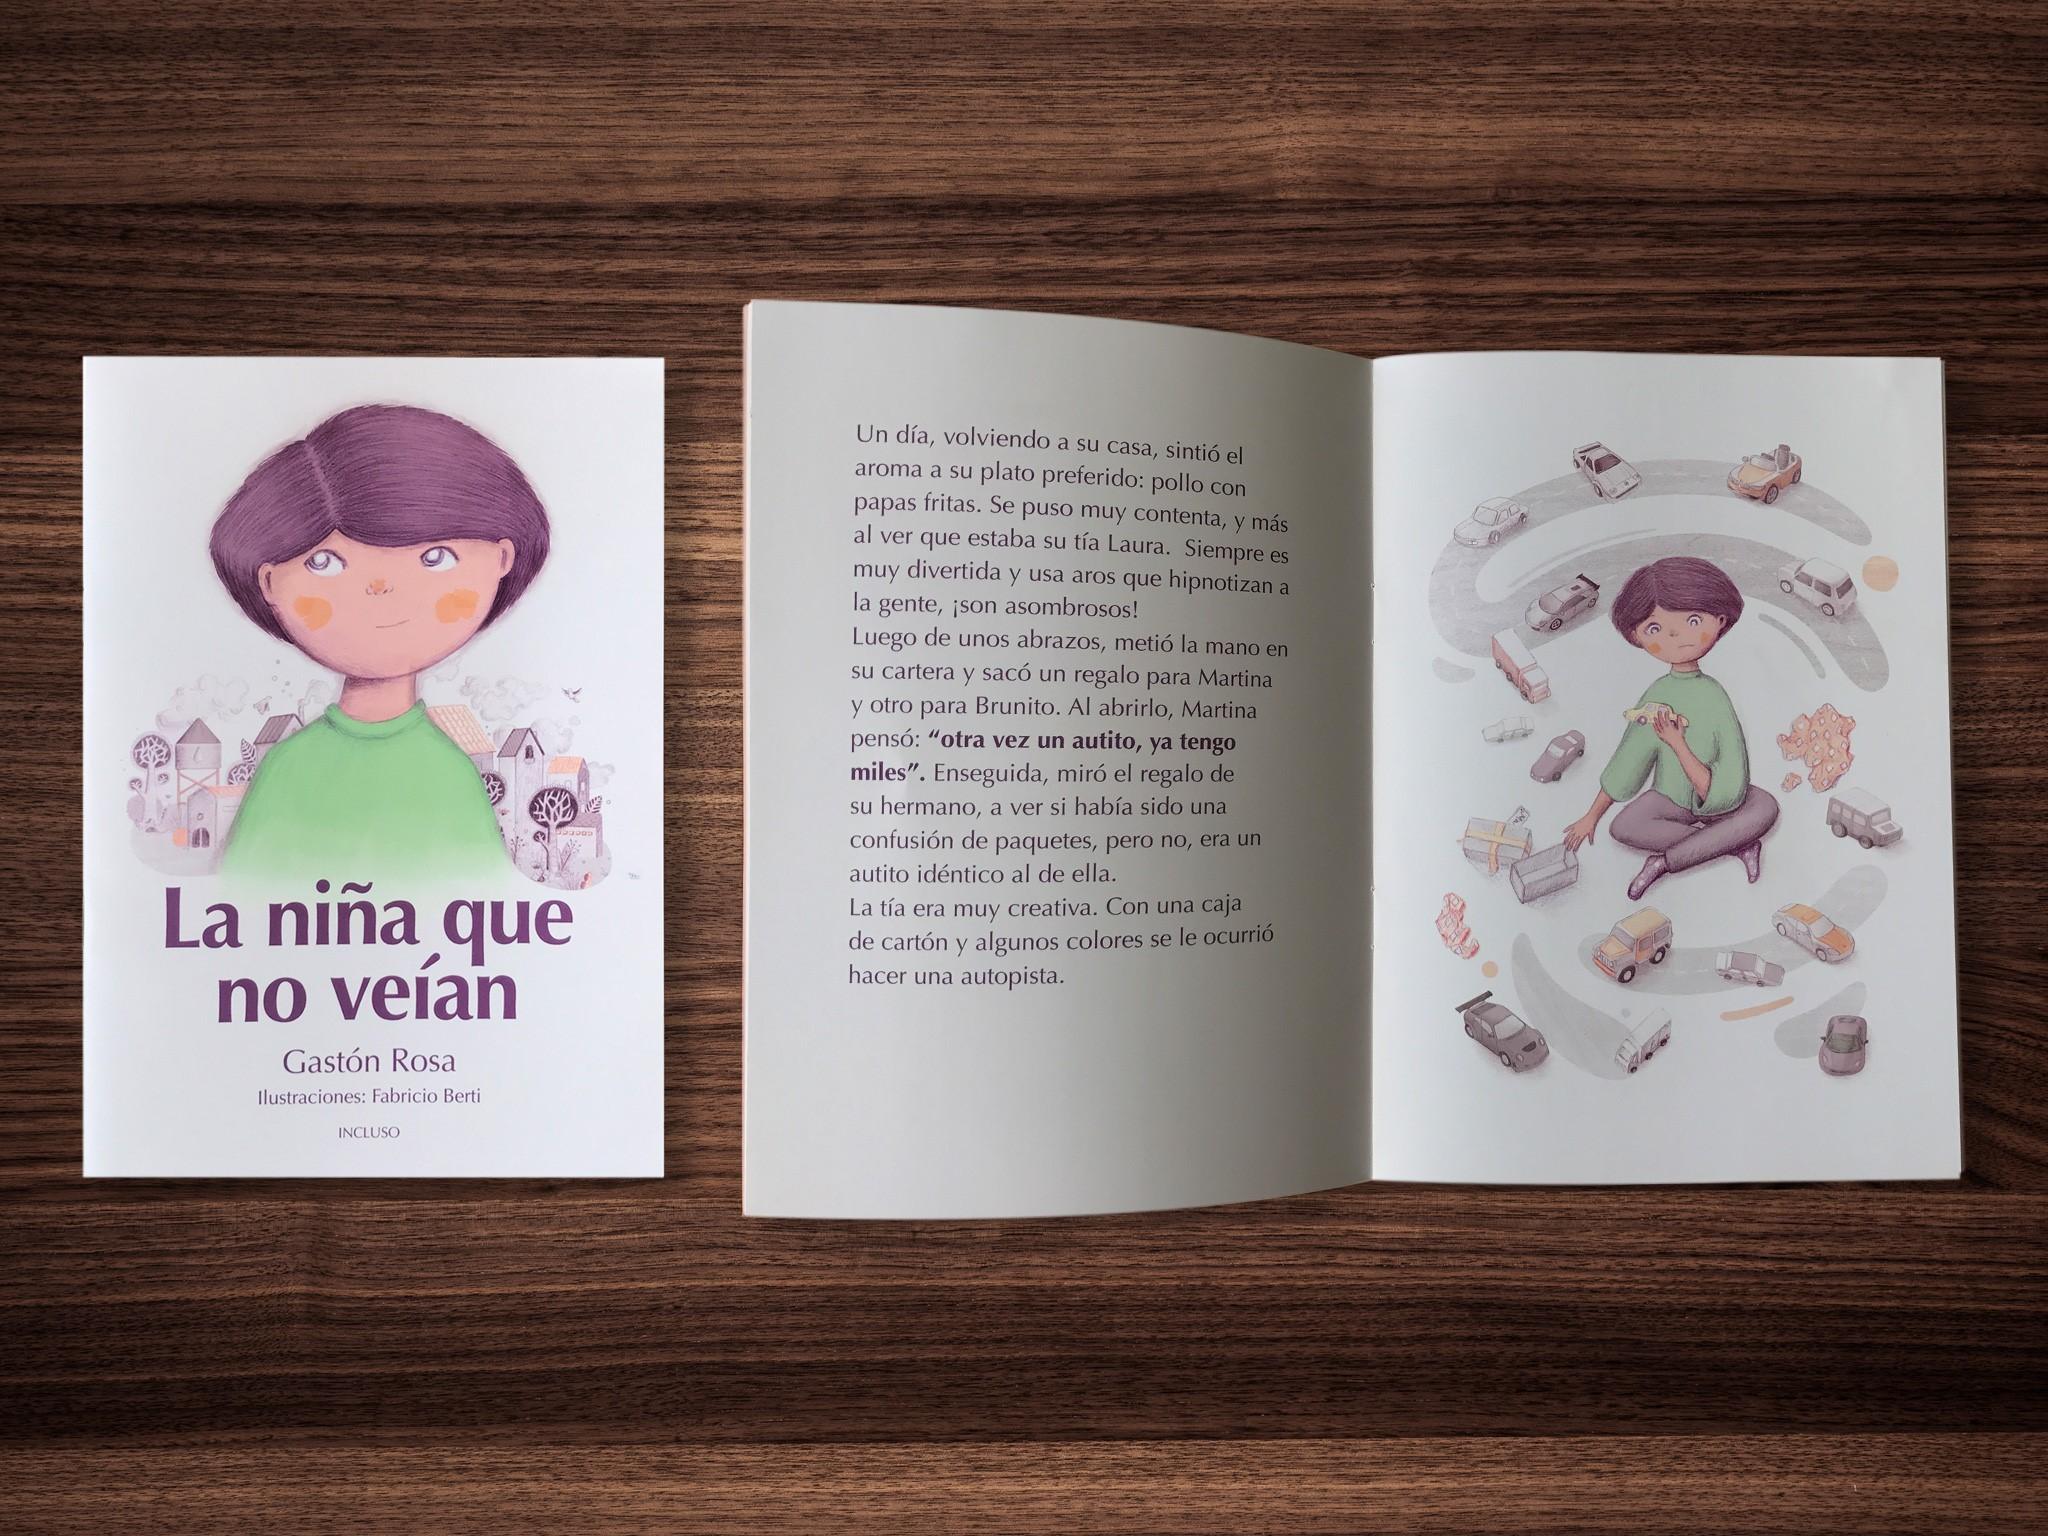 La niña que no veían, el primer cuento en Latinoamérica con una niña trans como protagonista